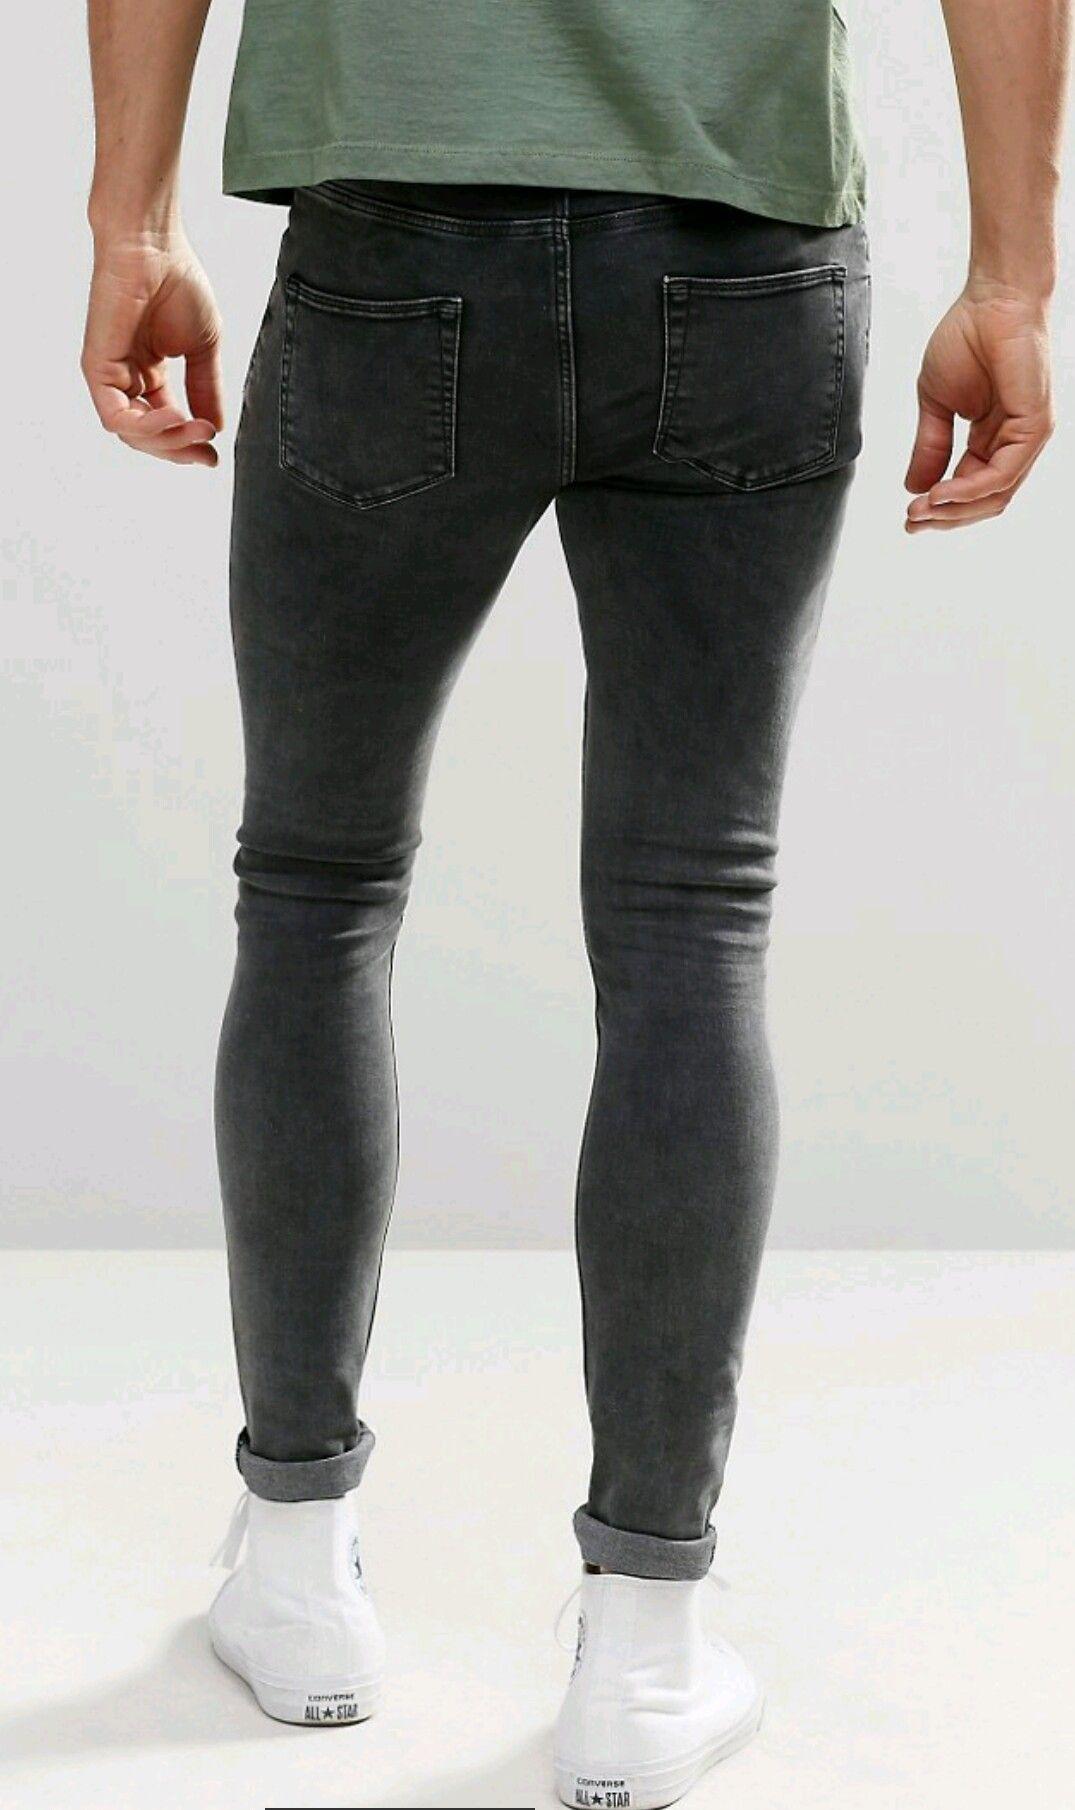 Black Asos, great legs. | Good lookin guys in 2019 ...